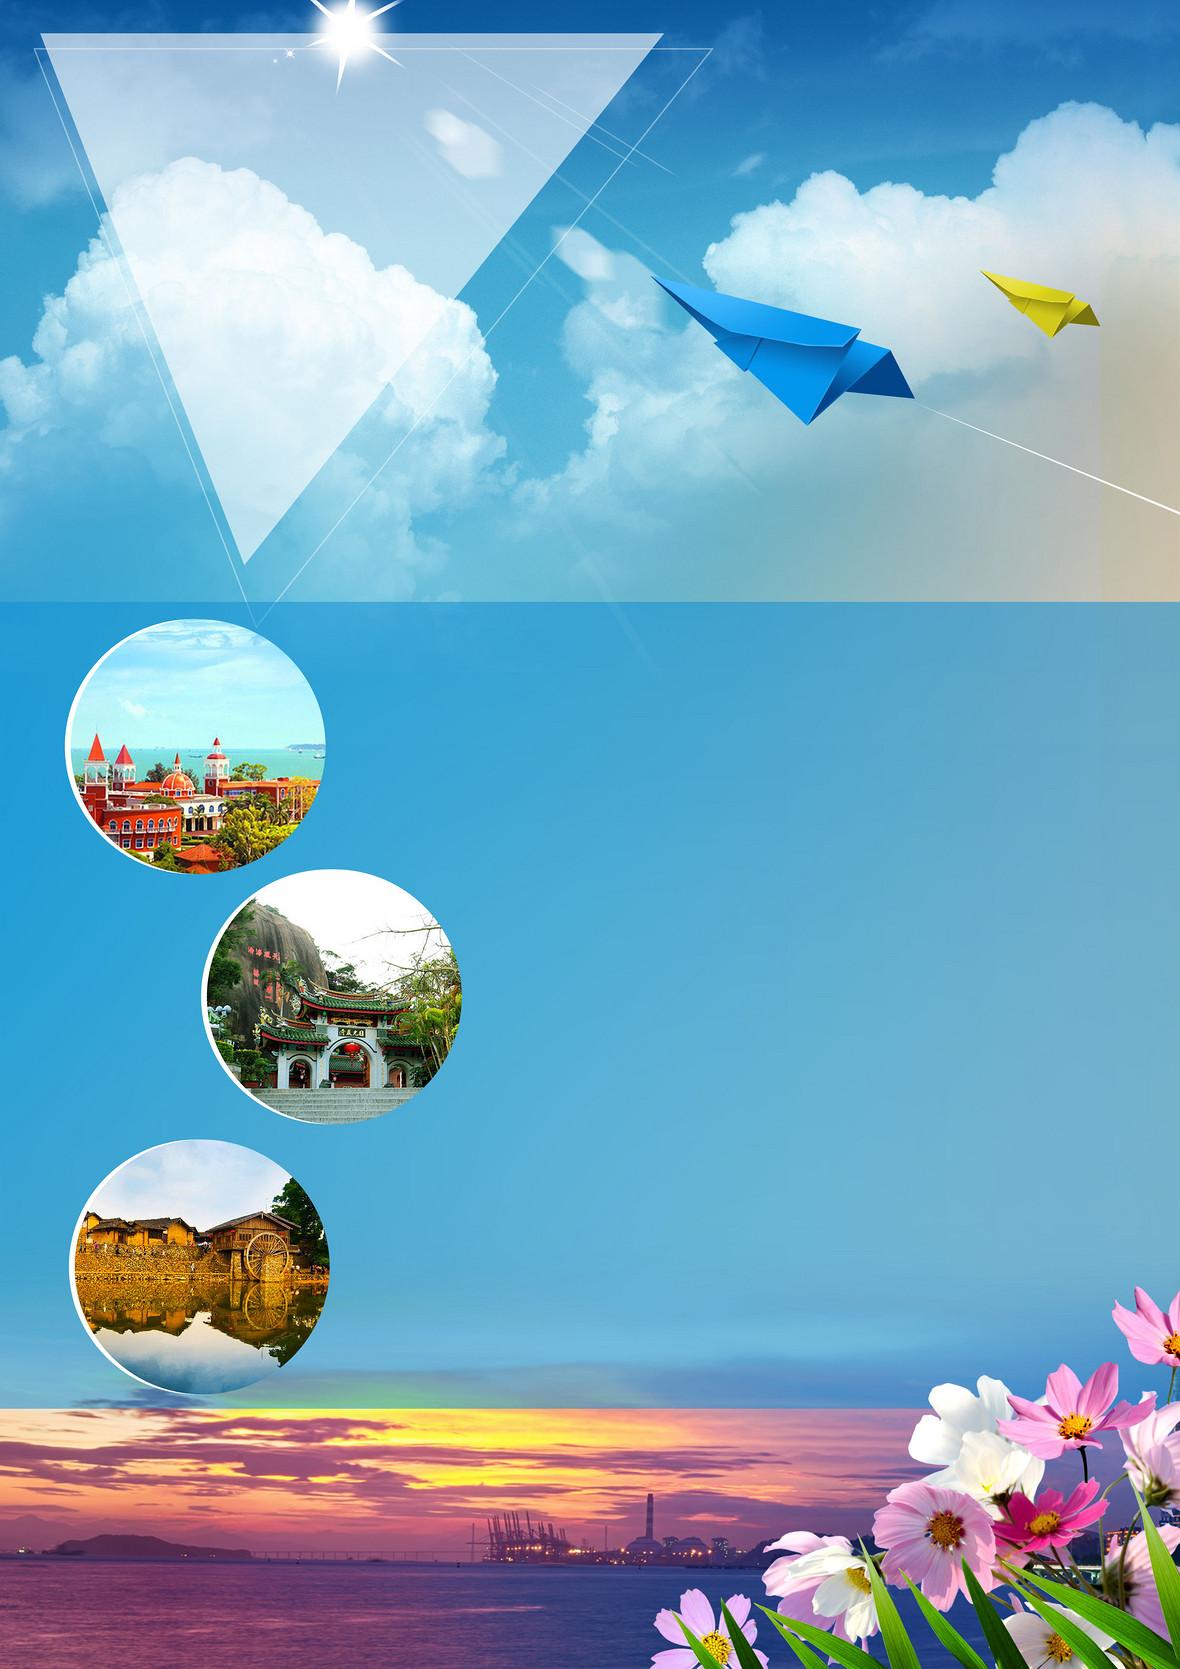 厦门旅游宣传海报背景素材